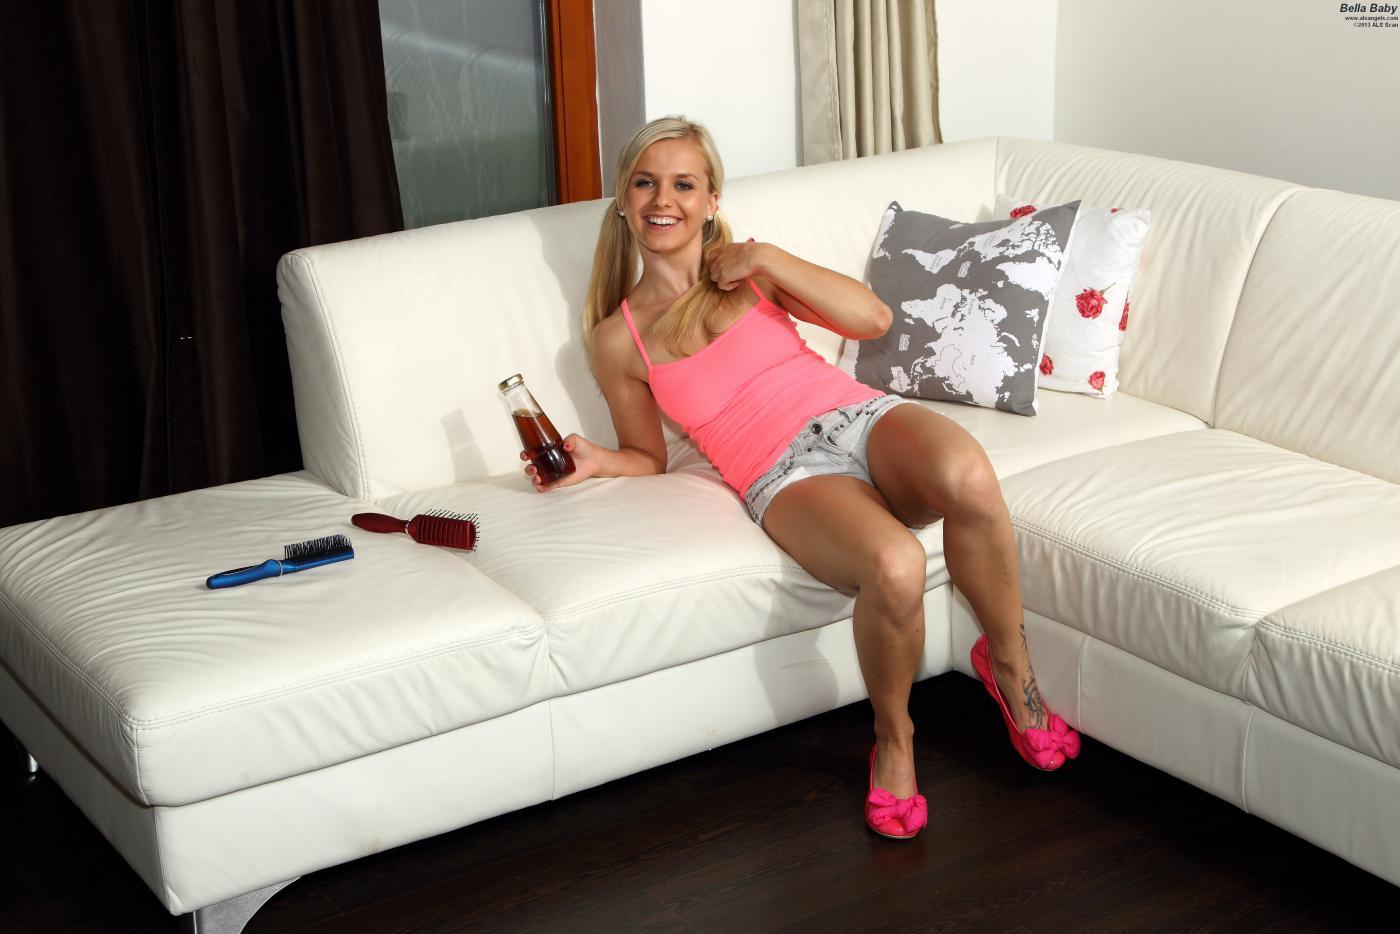 Блондинка Bella Anne балдеет дома и имеет свою пизду секс-игрушкой